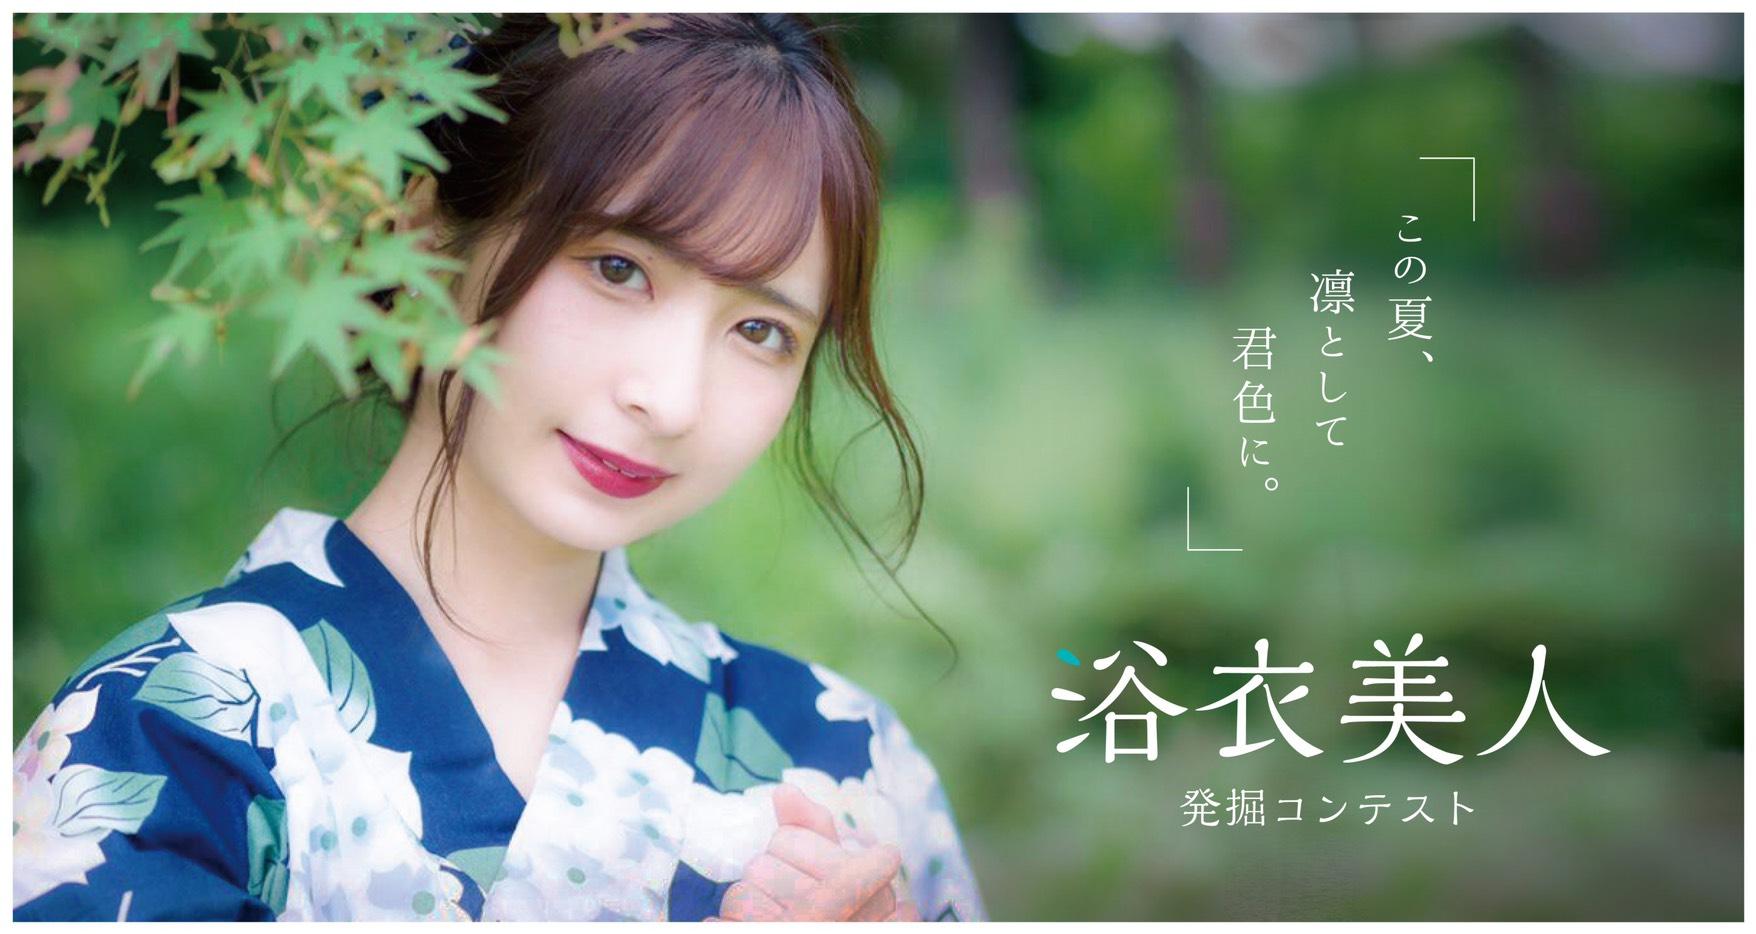 日本最大級のモデルコンテスト Modecon 浴衣美人 発掘コンテスト 初開催 グランプリを目指し 出場者1人1人をマネージャーがサポート 株式会社kirinzのプレスリリース